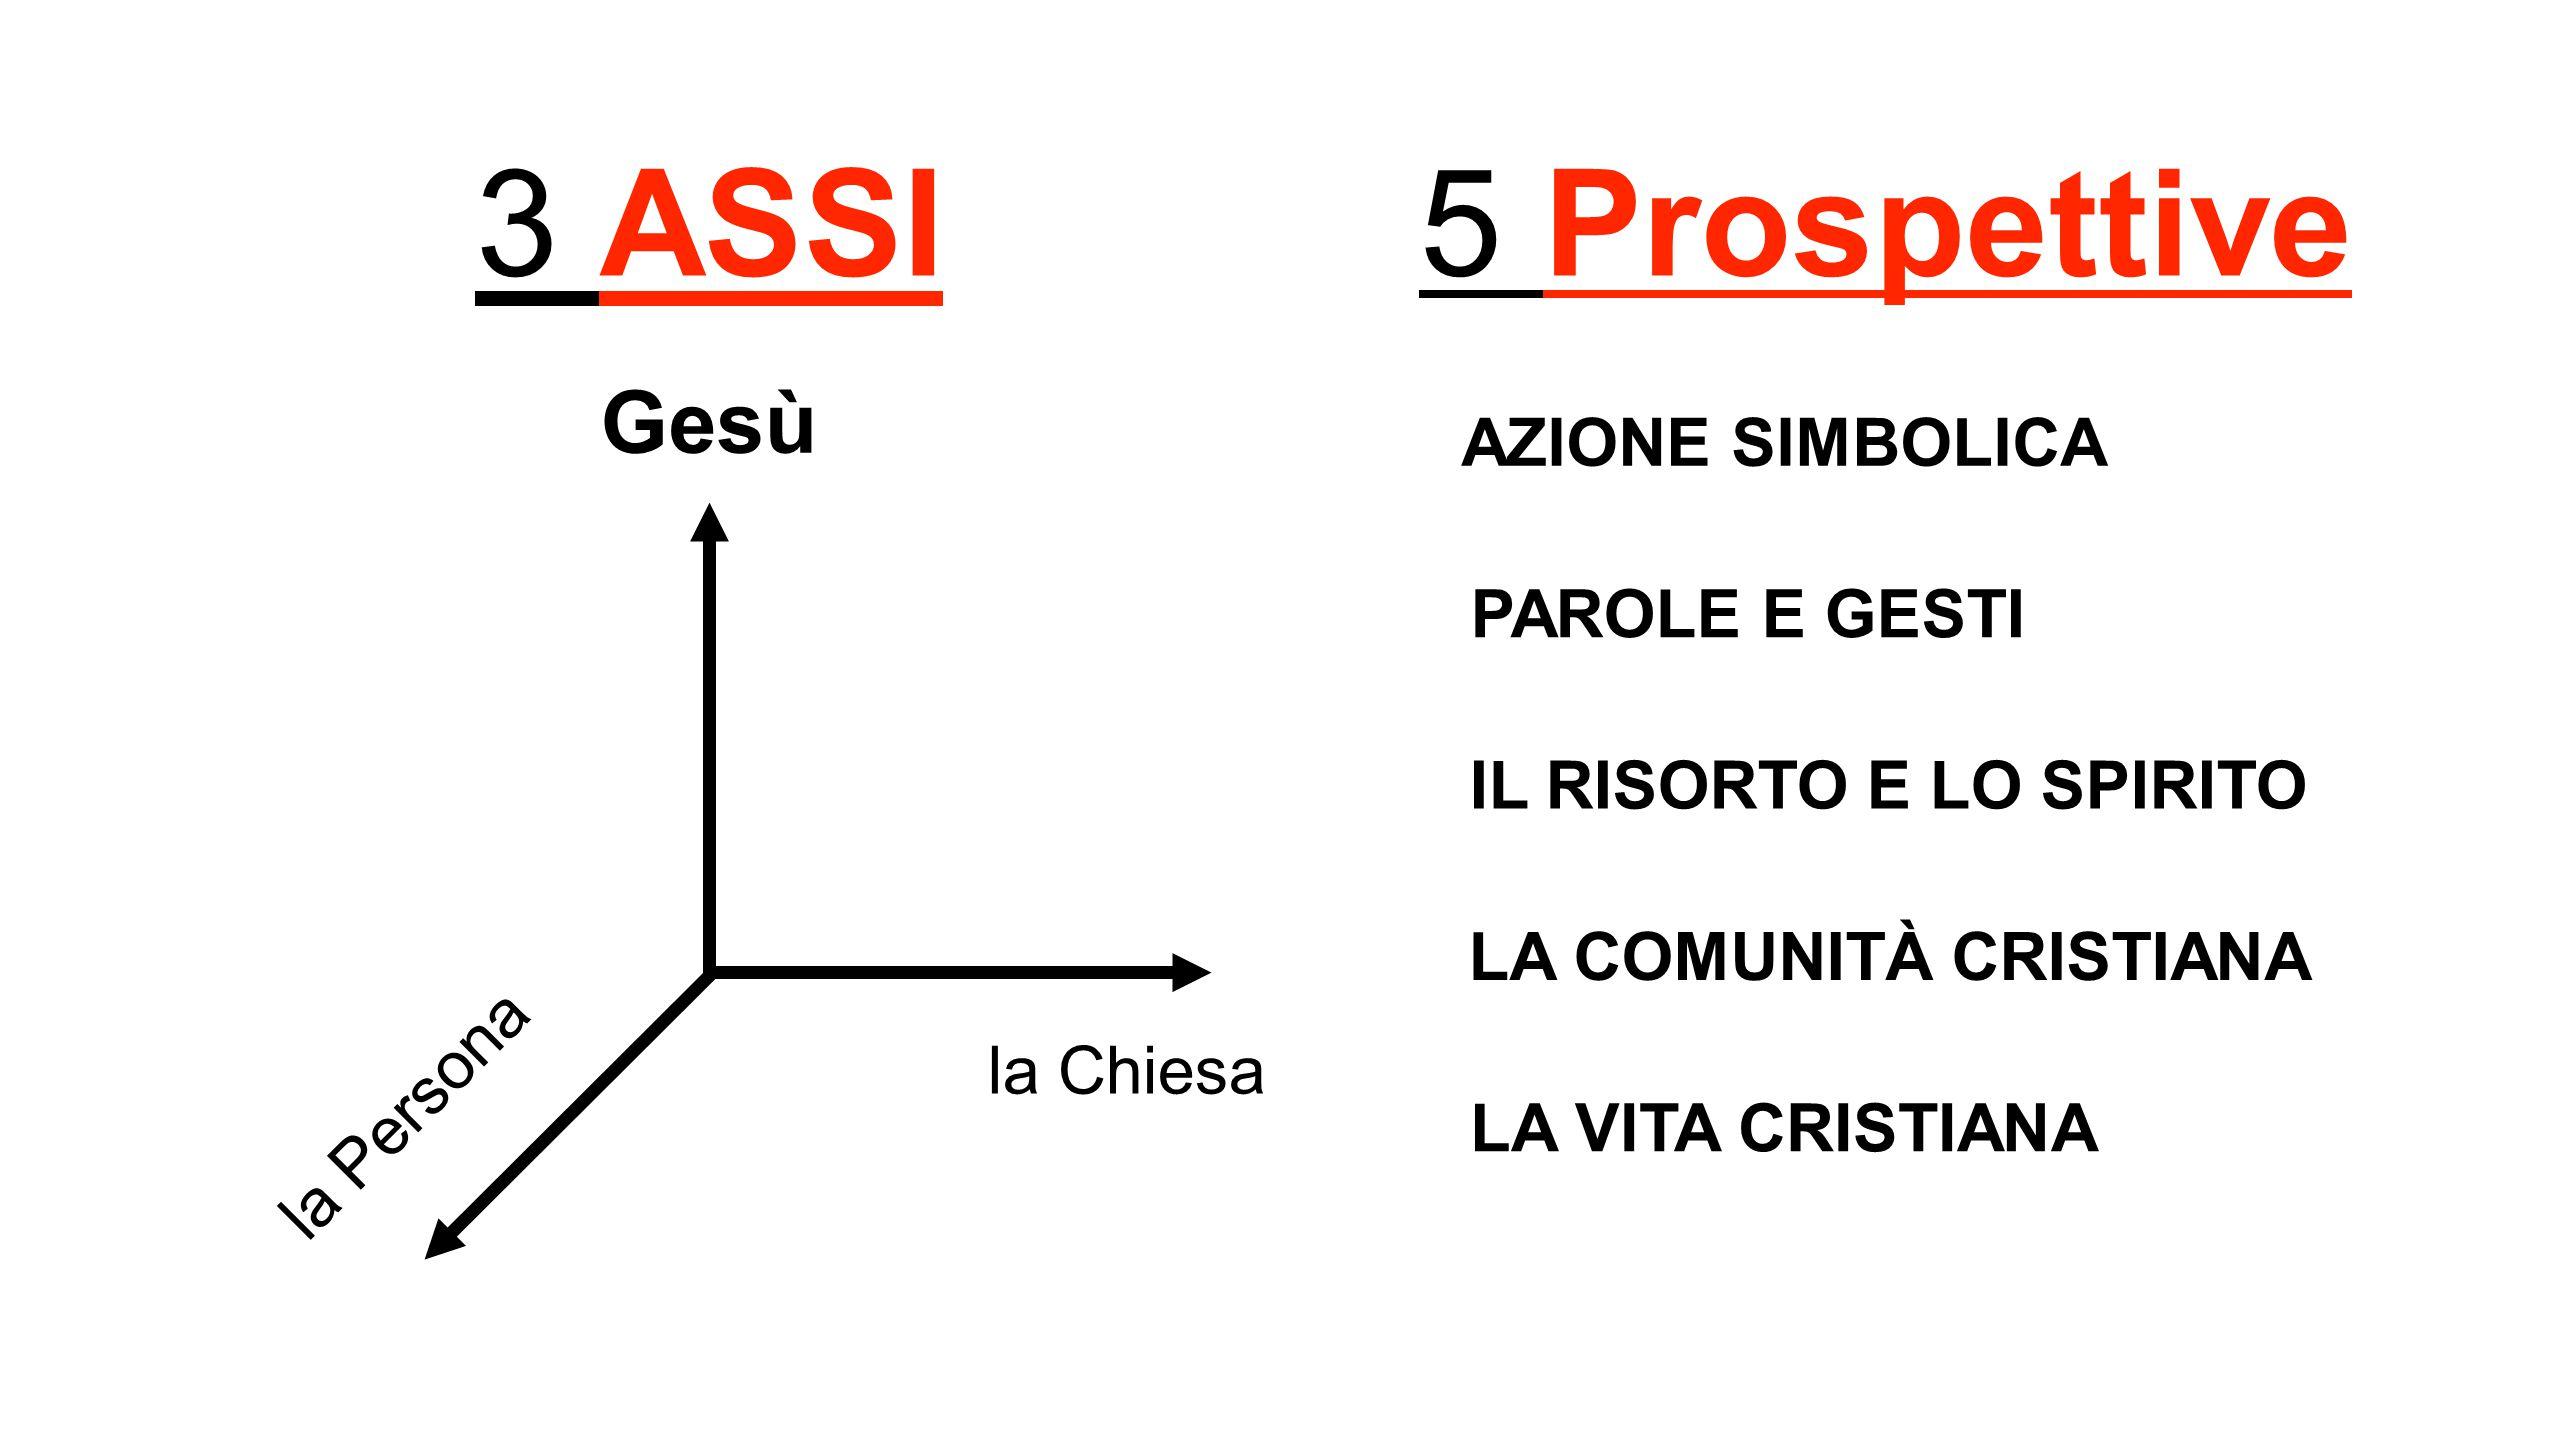 3 ASSI Gesù la Chiesa la Persona AZIONE SIMBOLICA PAROLE E GESTI IL RISORTO E LO SPIRITO LA COMUNITÀ CRISTIANA LA VITA CRISTIANA 5 Prospettive